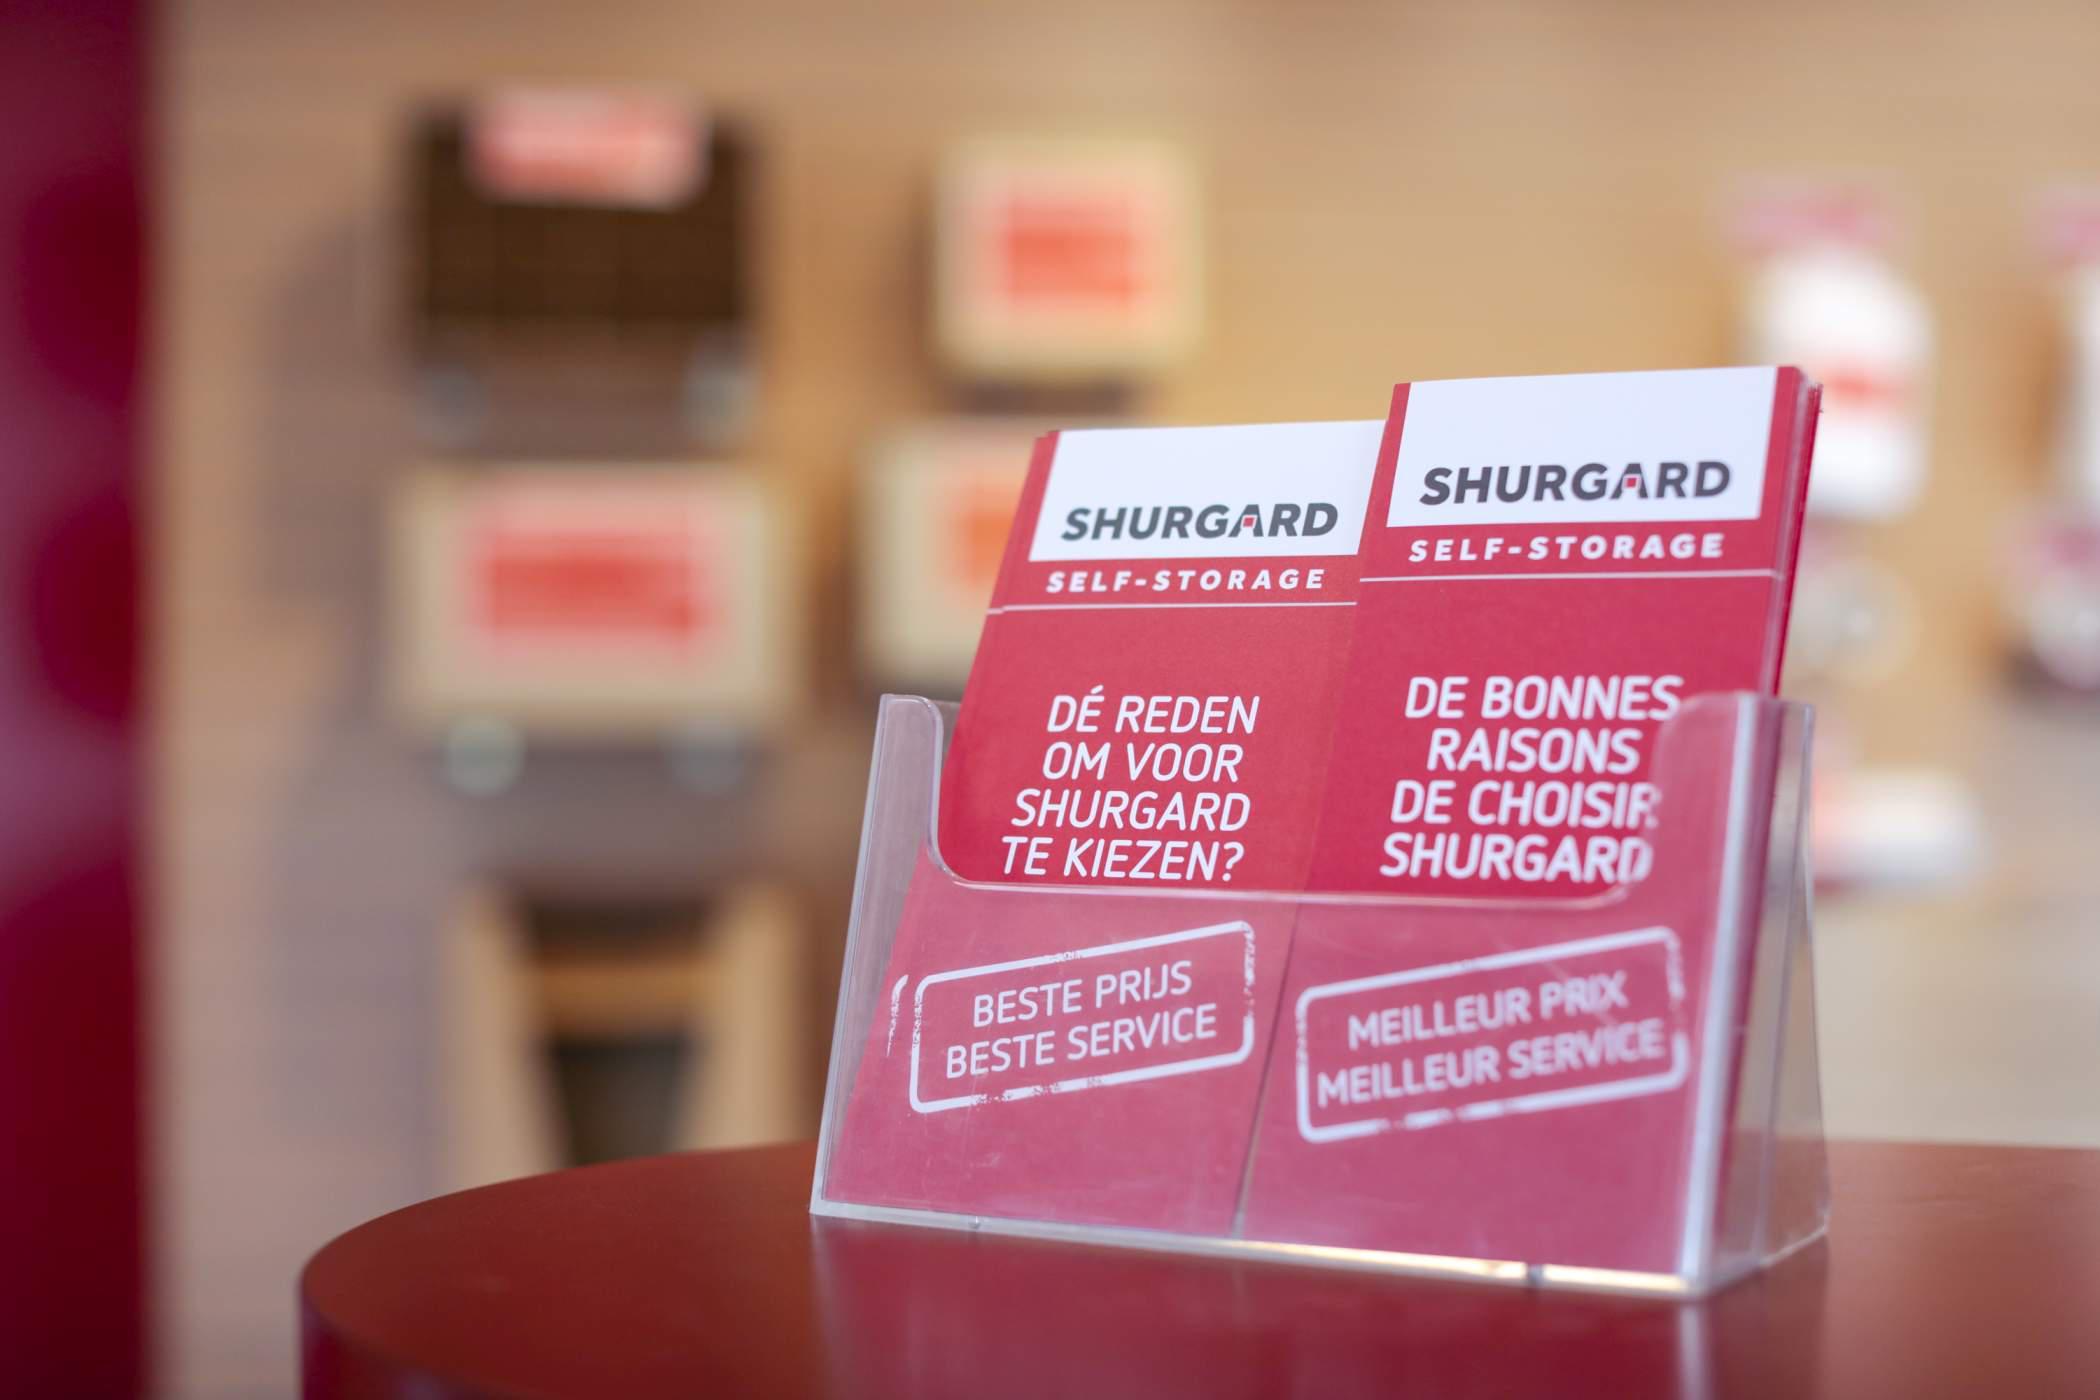 Shurgard Self-Storage Groot-Bijgaarden